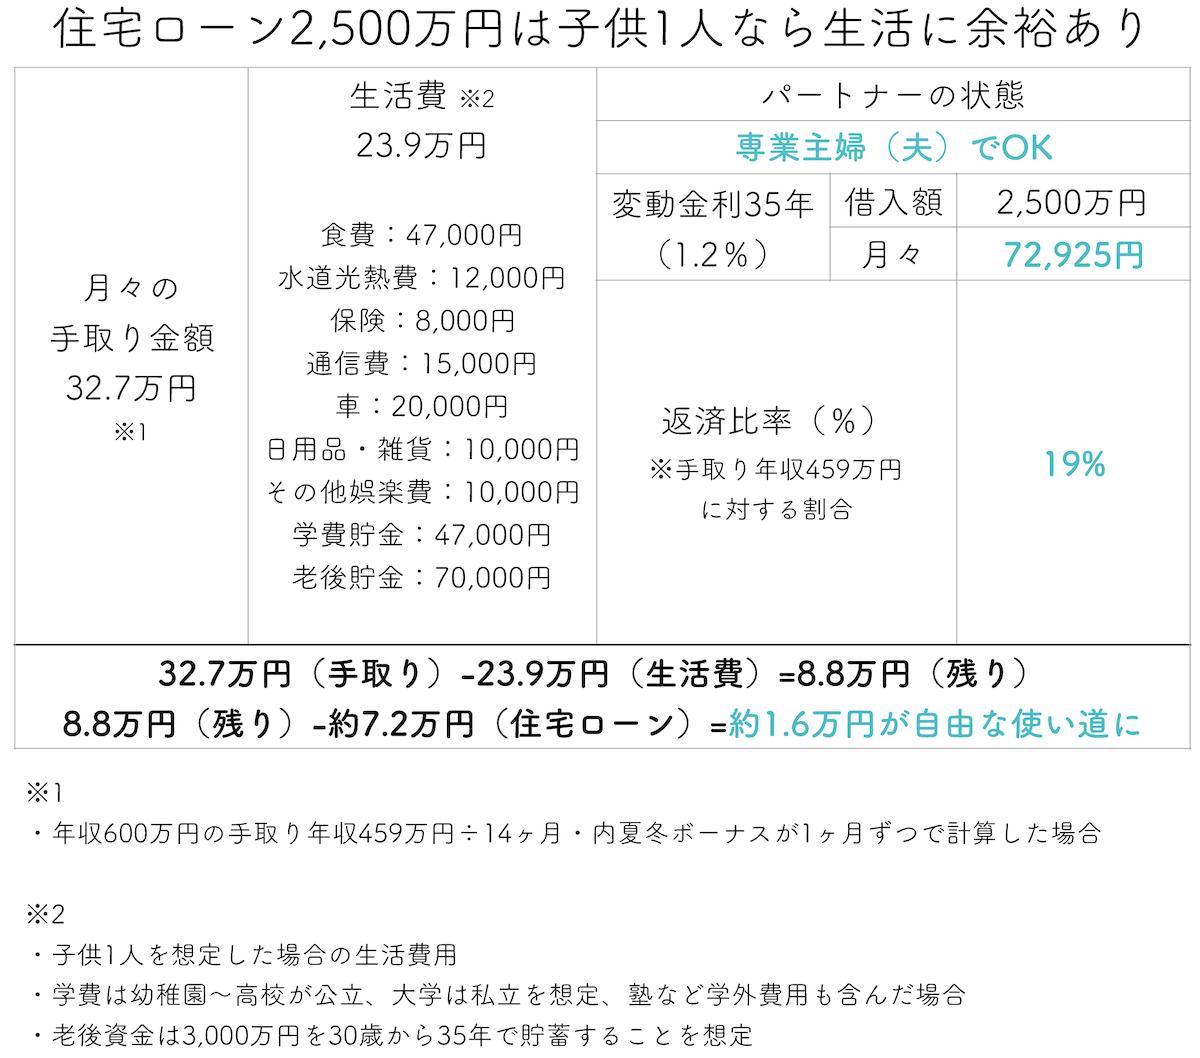 住宅ローン2500万円は子供1人なら生活に余裕あり